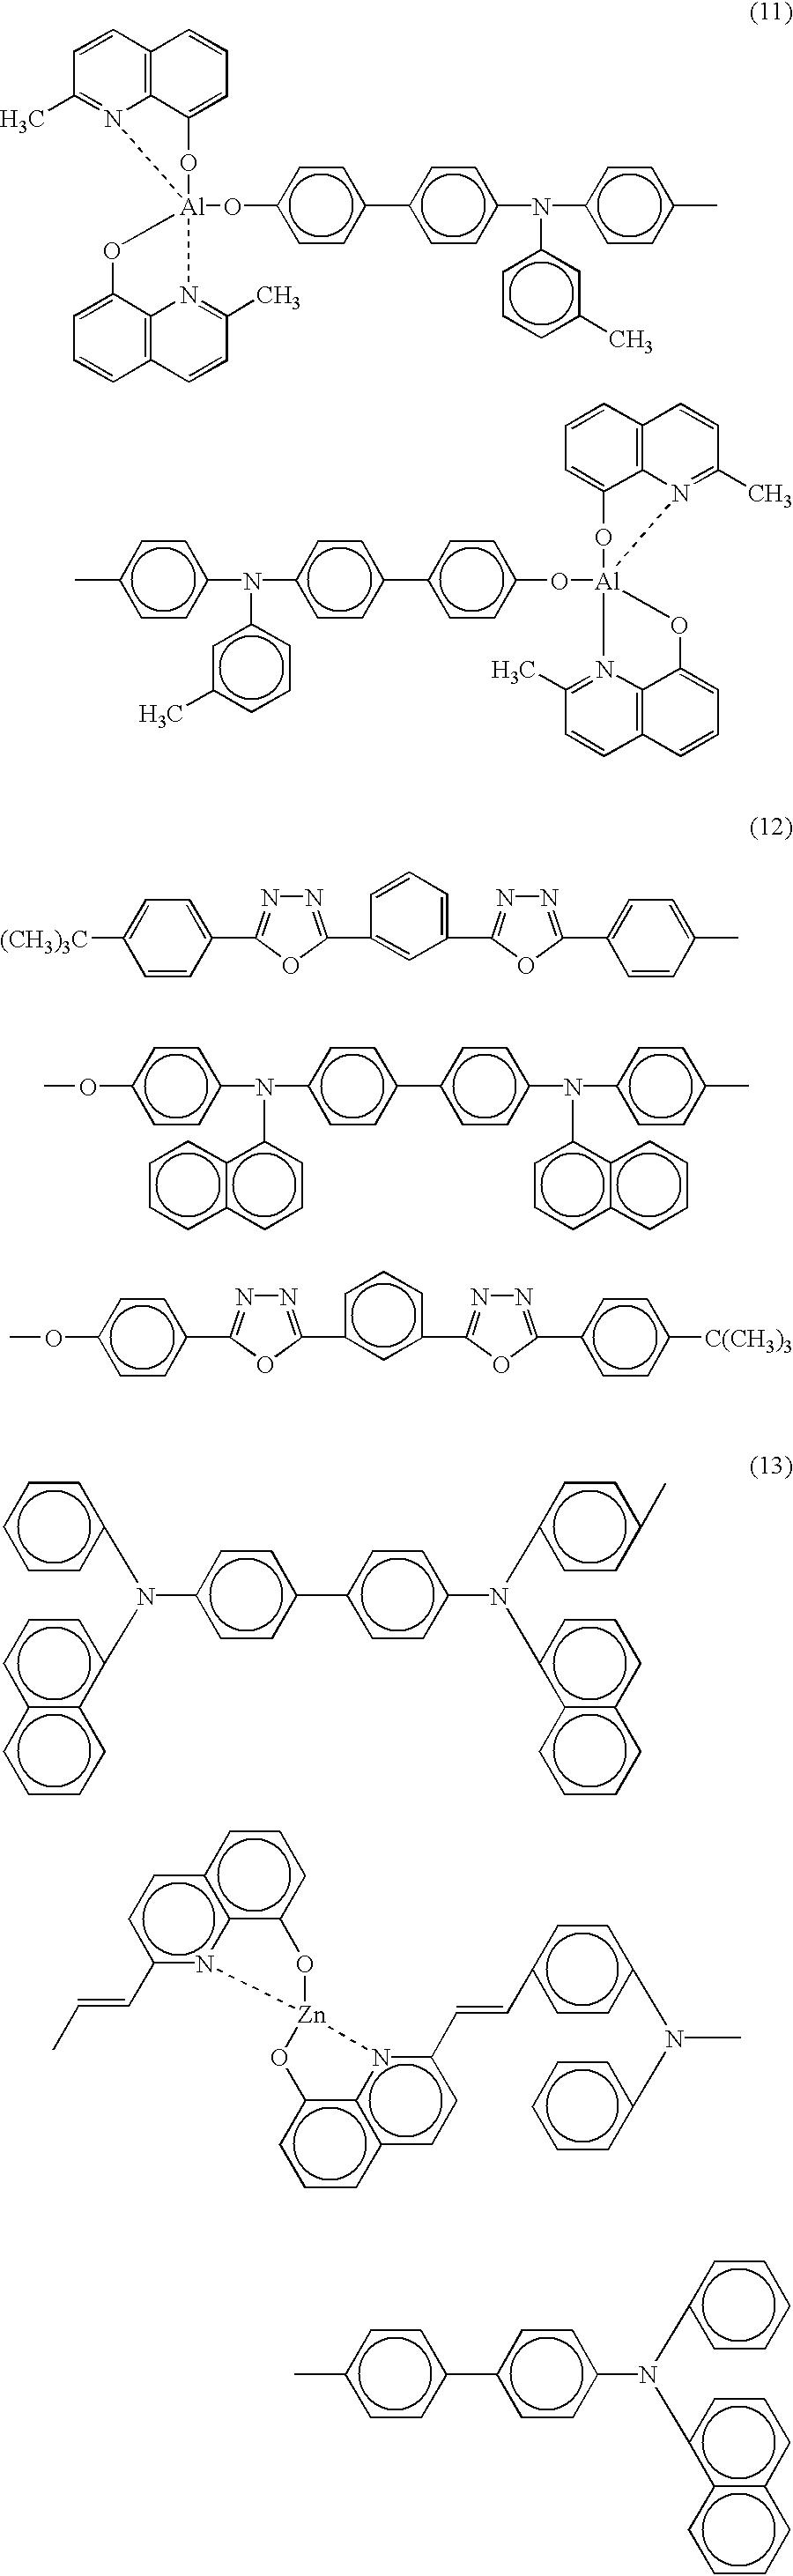 Figure US06406804-20020618-C00030